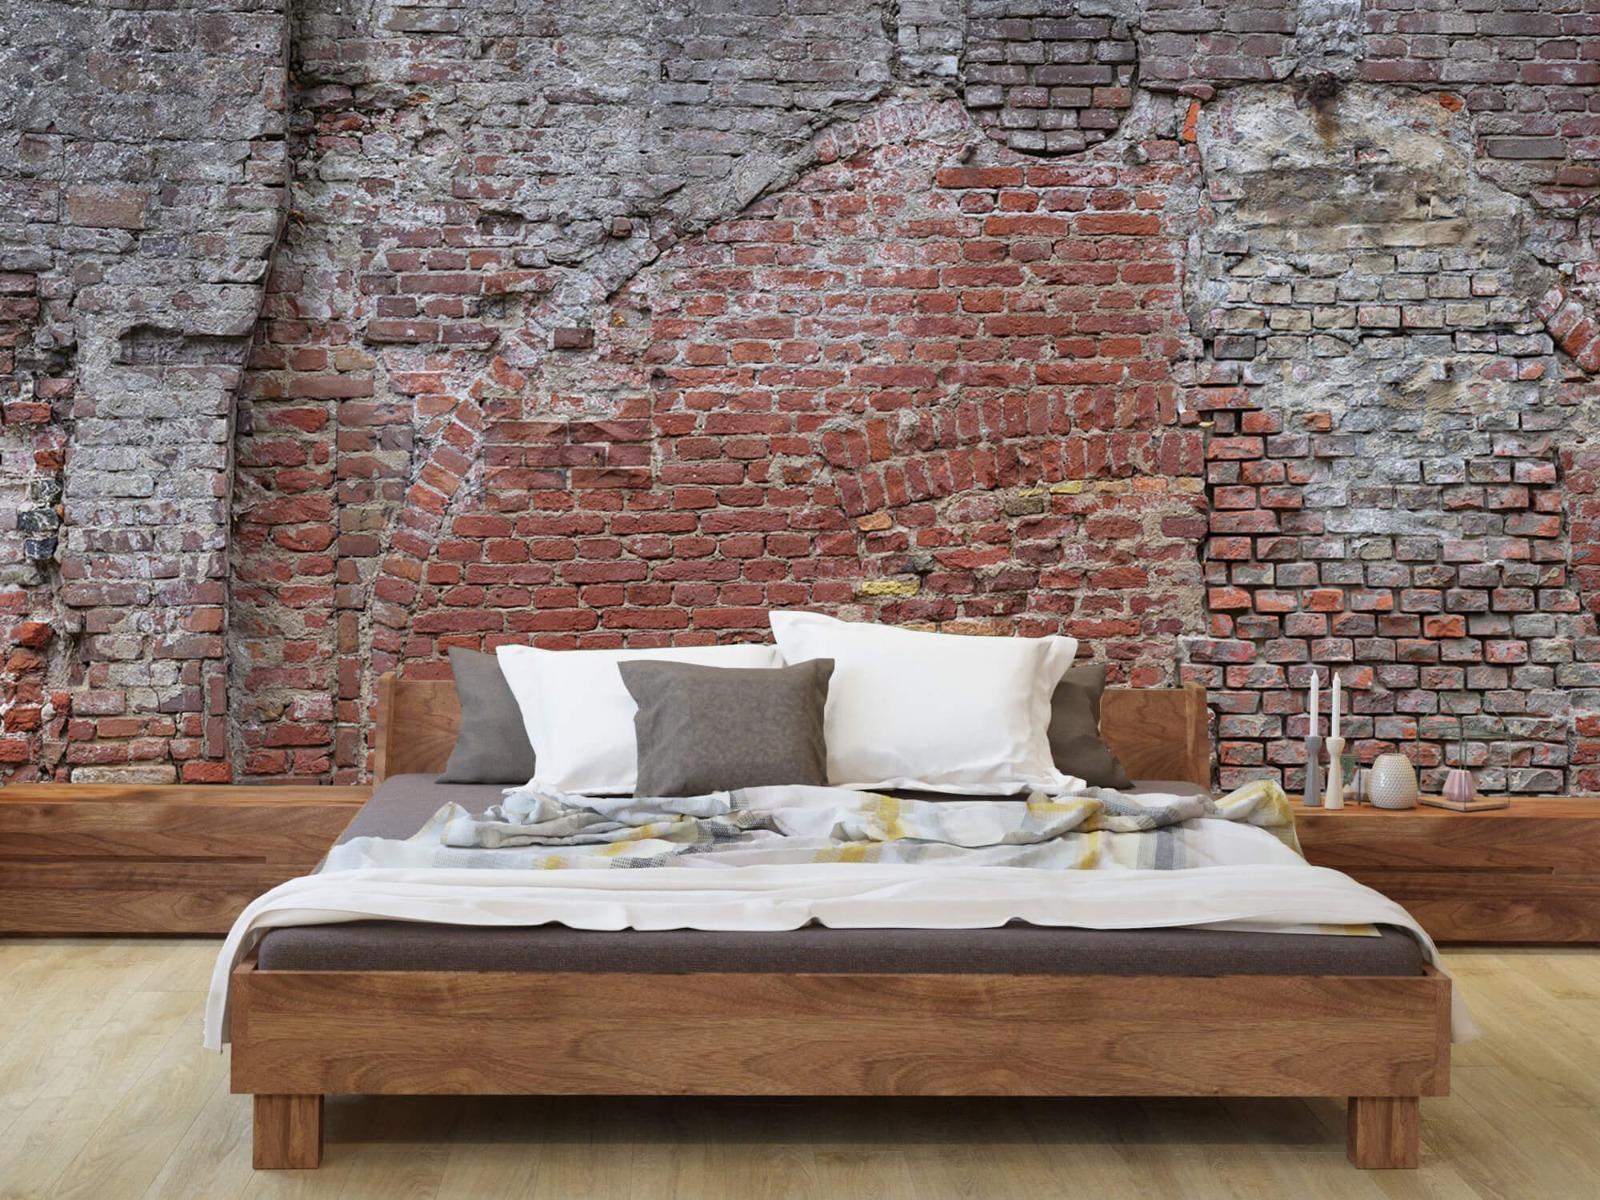 Steen behang - Oude herstelde stadsmuur - Tienerkamer 7